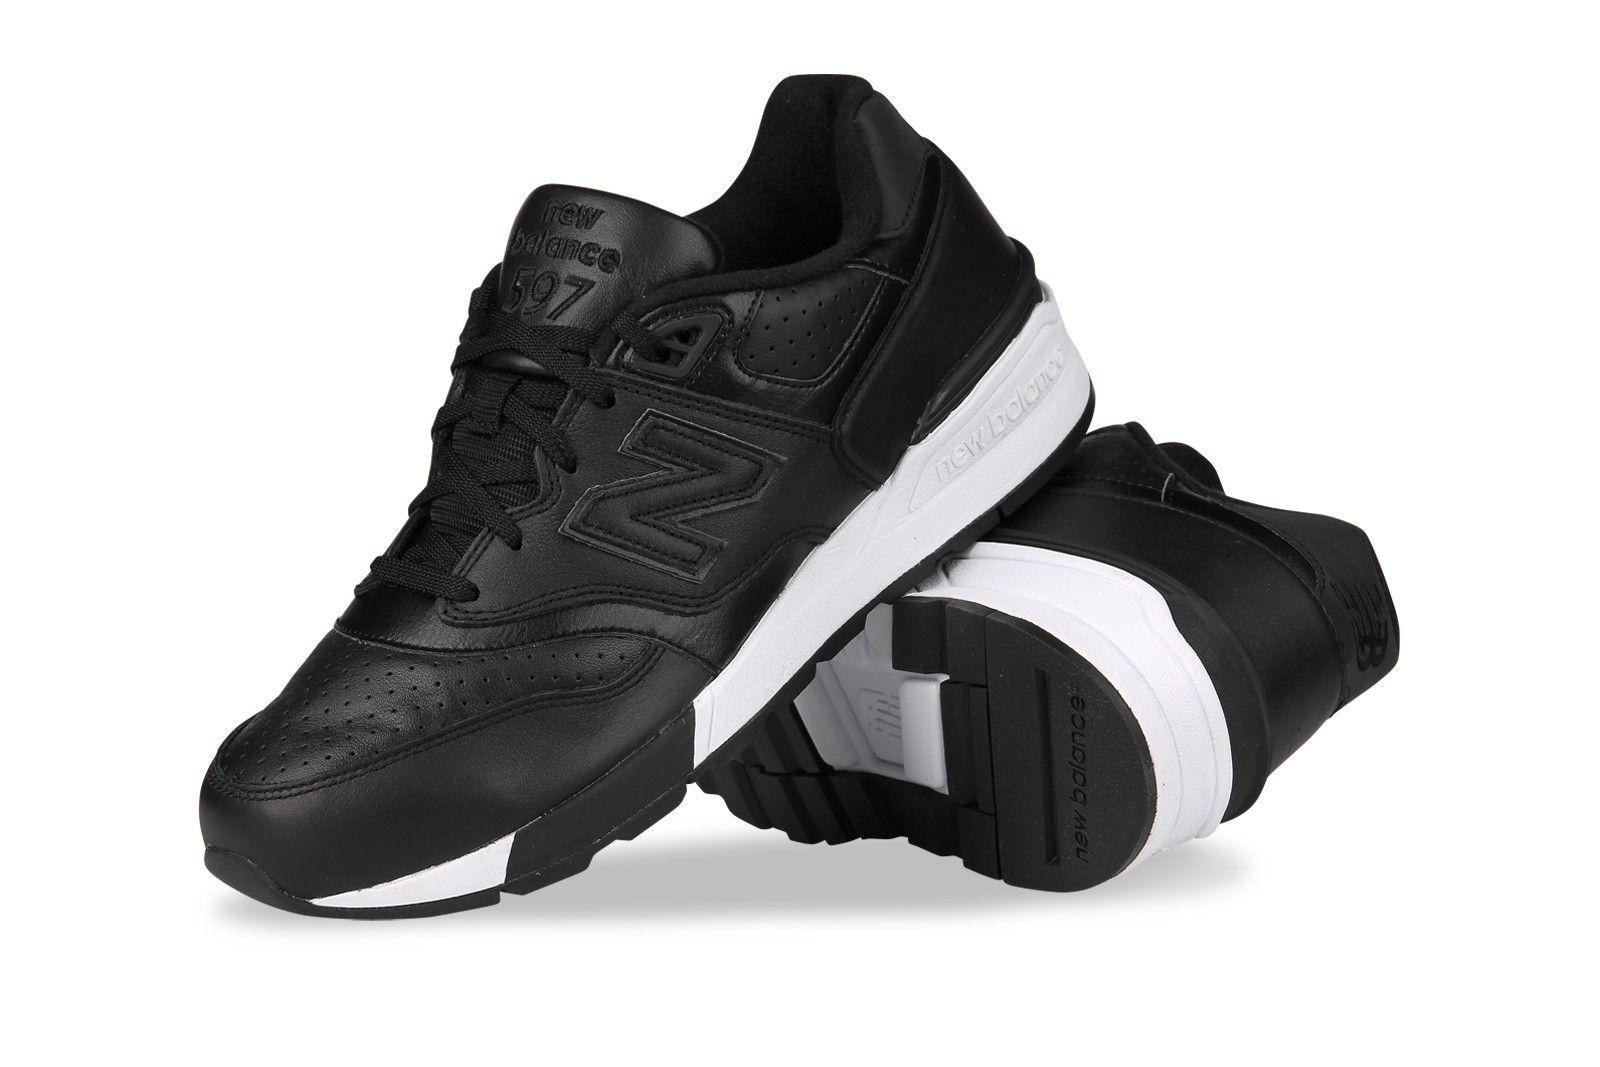 Buty Meskie New Balance Model Ml597bll W Kolorze Czarnym Material Wykonania Najwyzszej Jakosci Skora Naturalna Oraz Mater Saucony Sneaker Shoes Sneakers